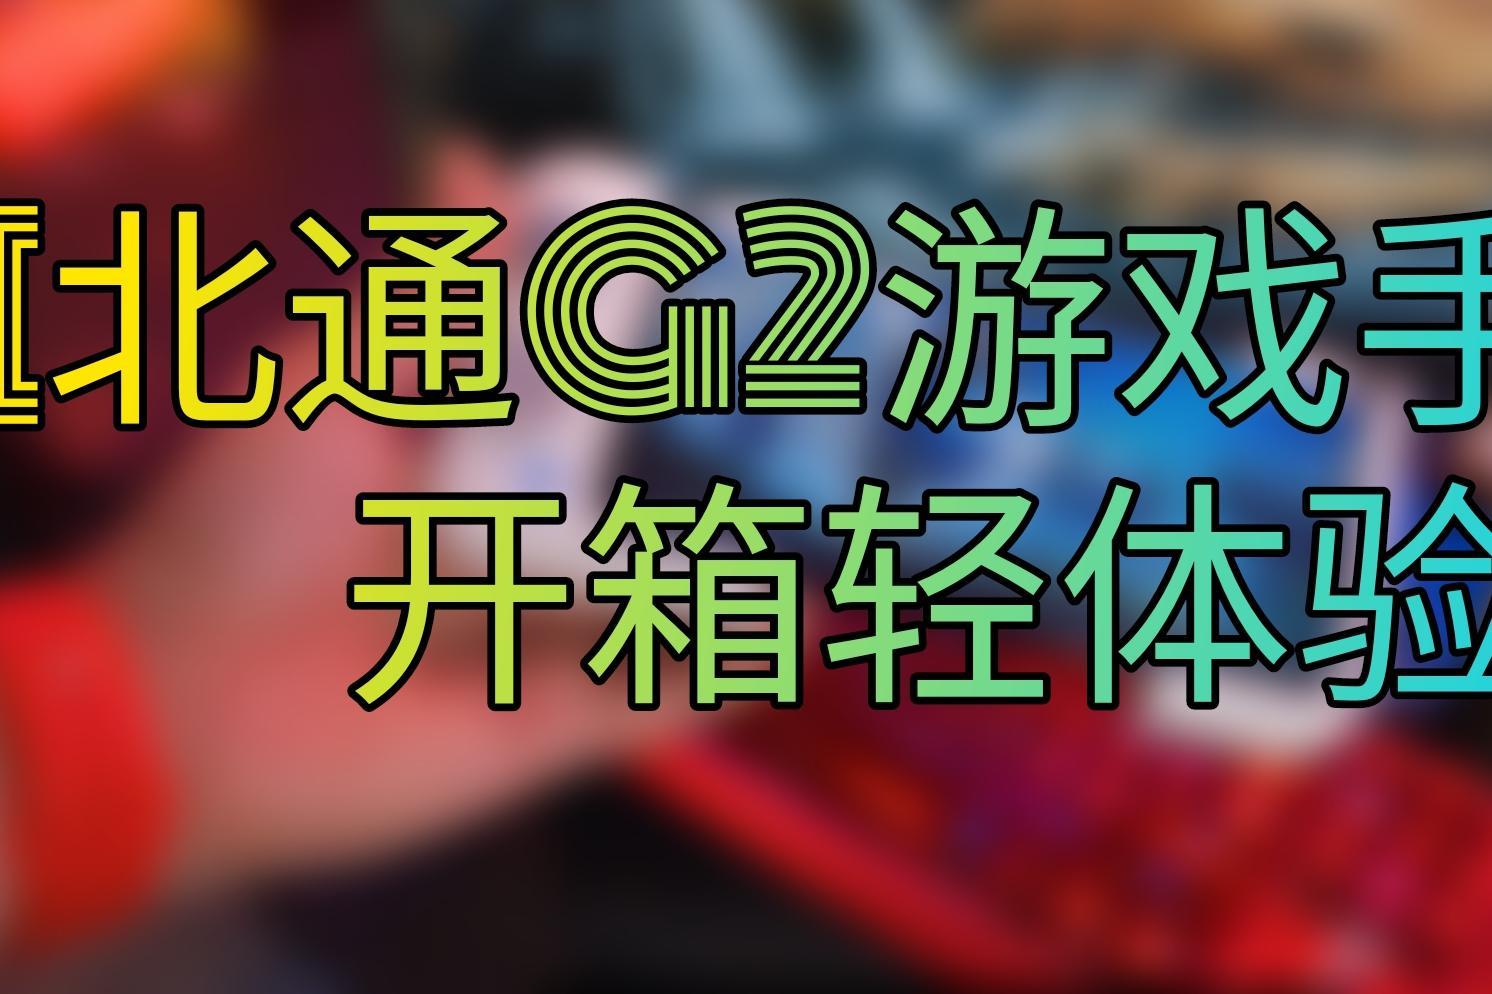 【北通G2游戏手柄】吃鸡神器,开黑利器